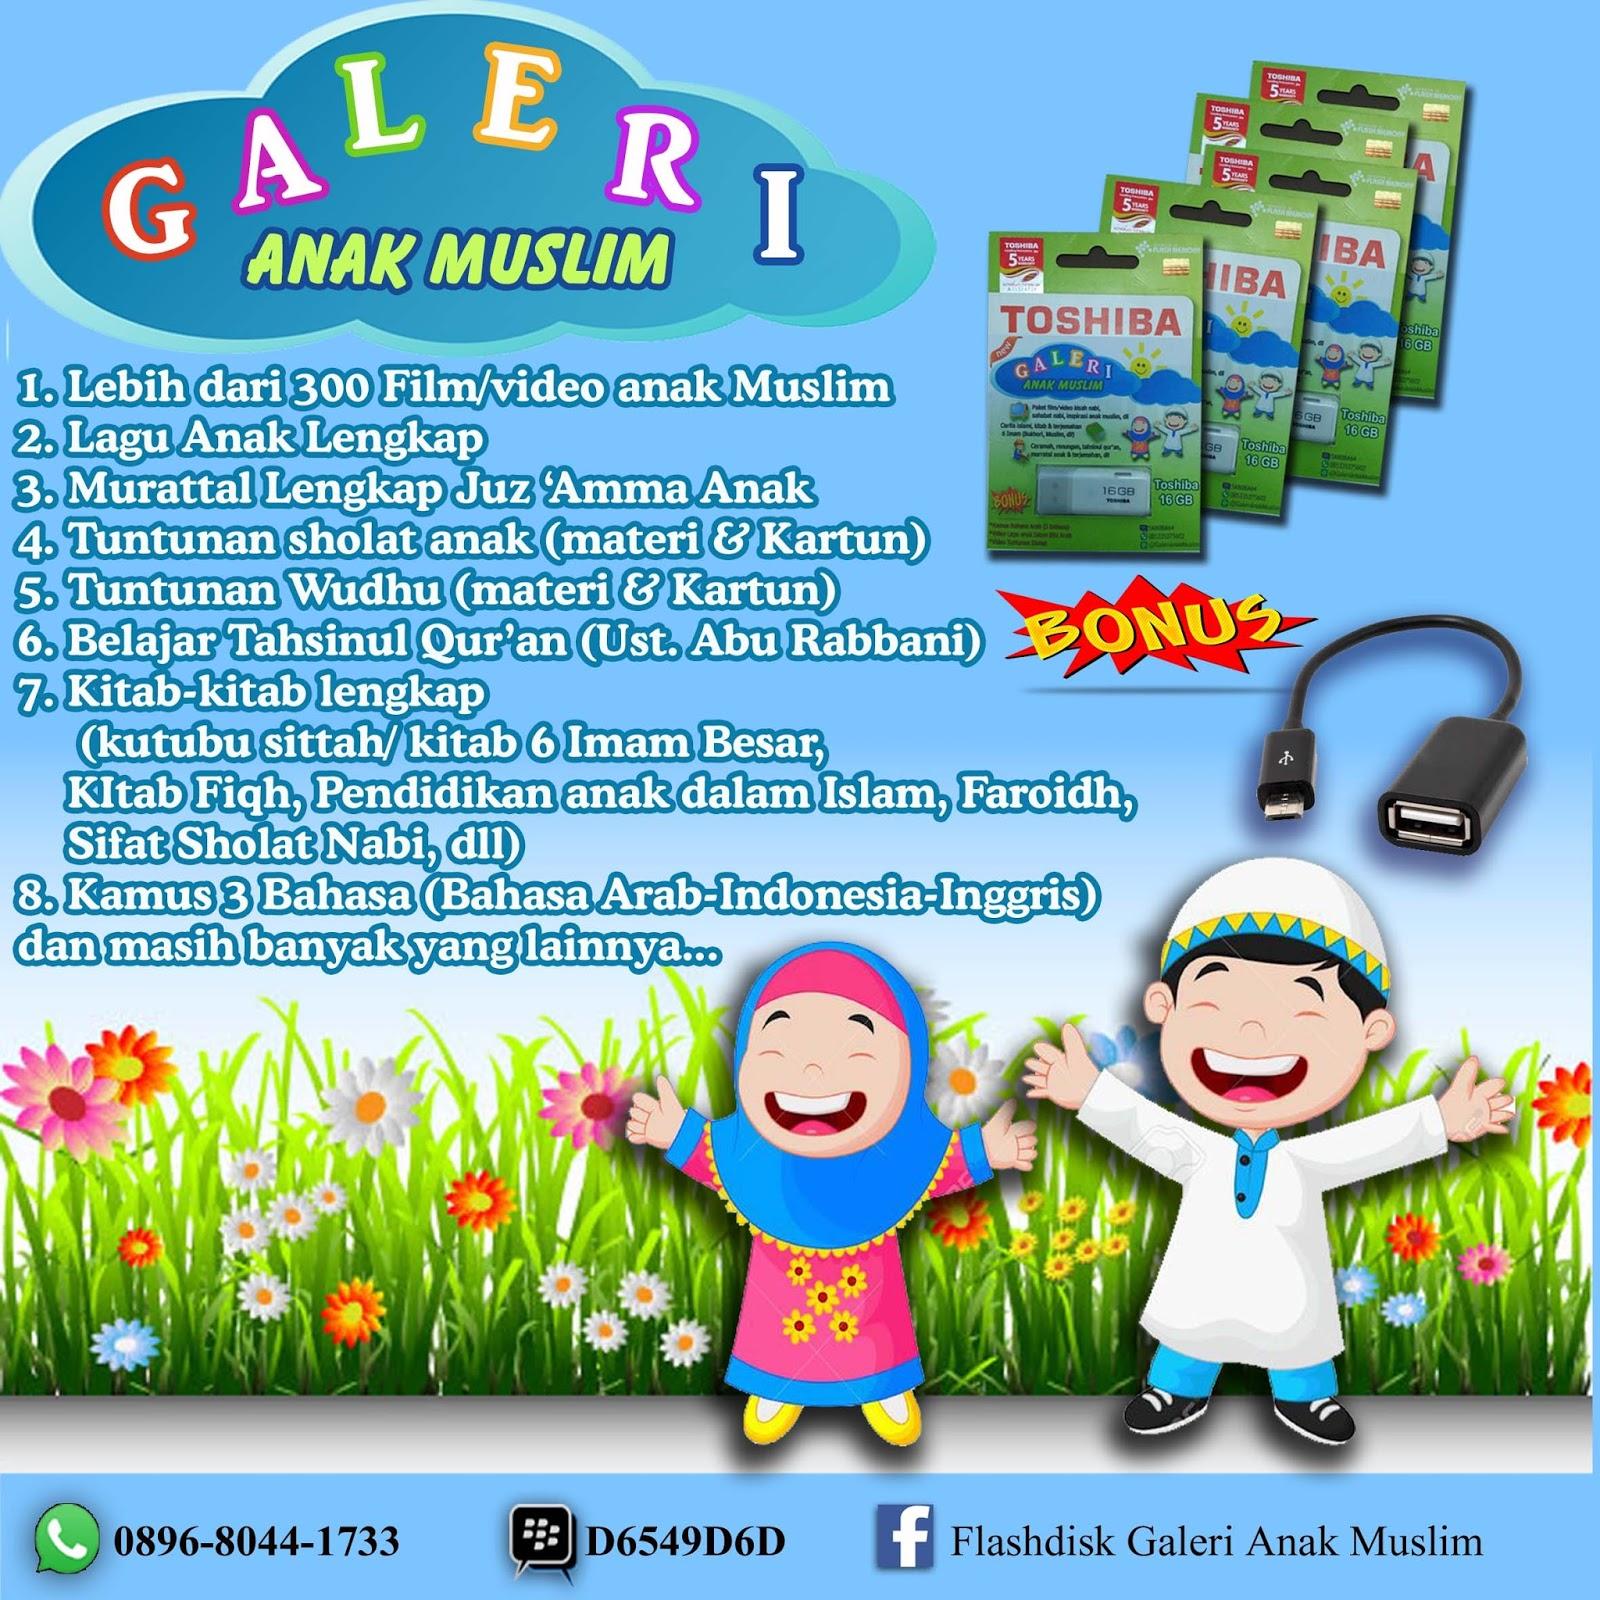 GALERI ANAK MUSLIM